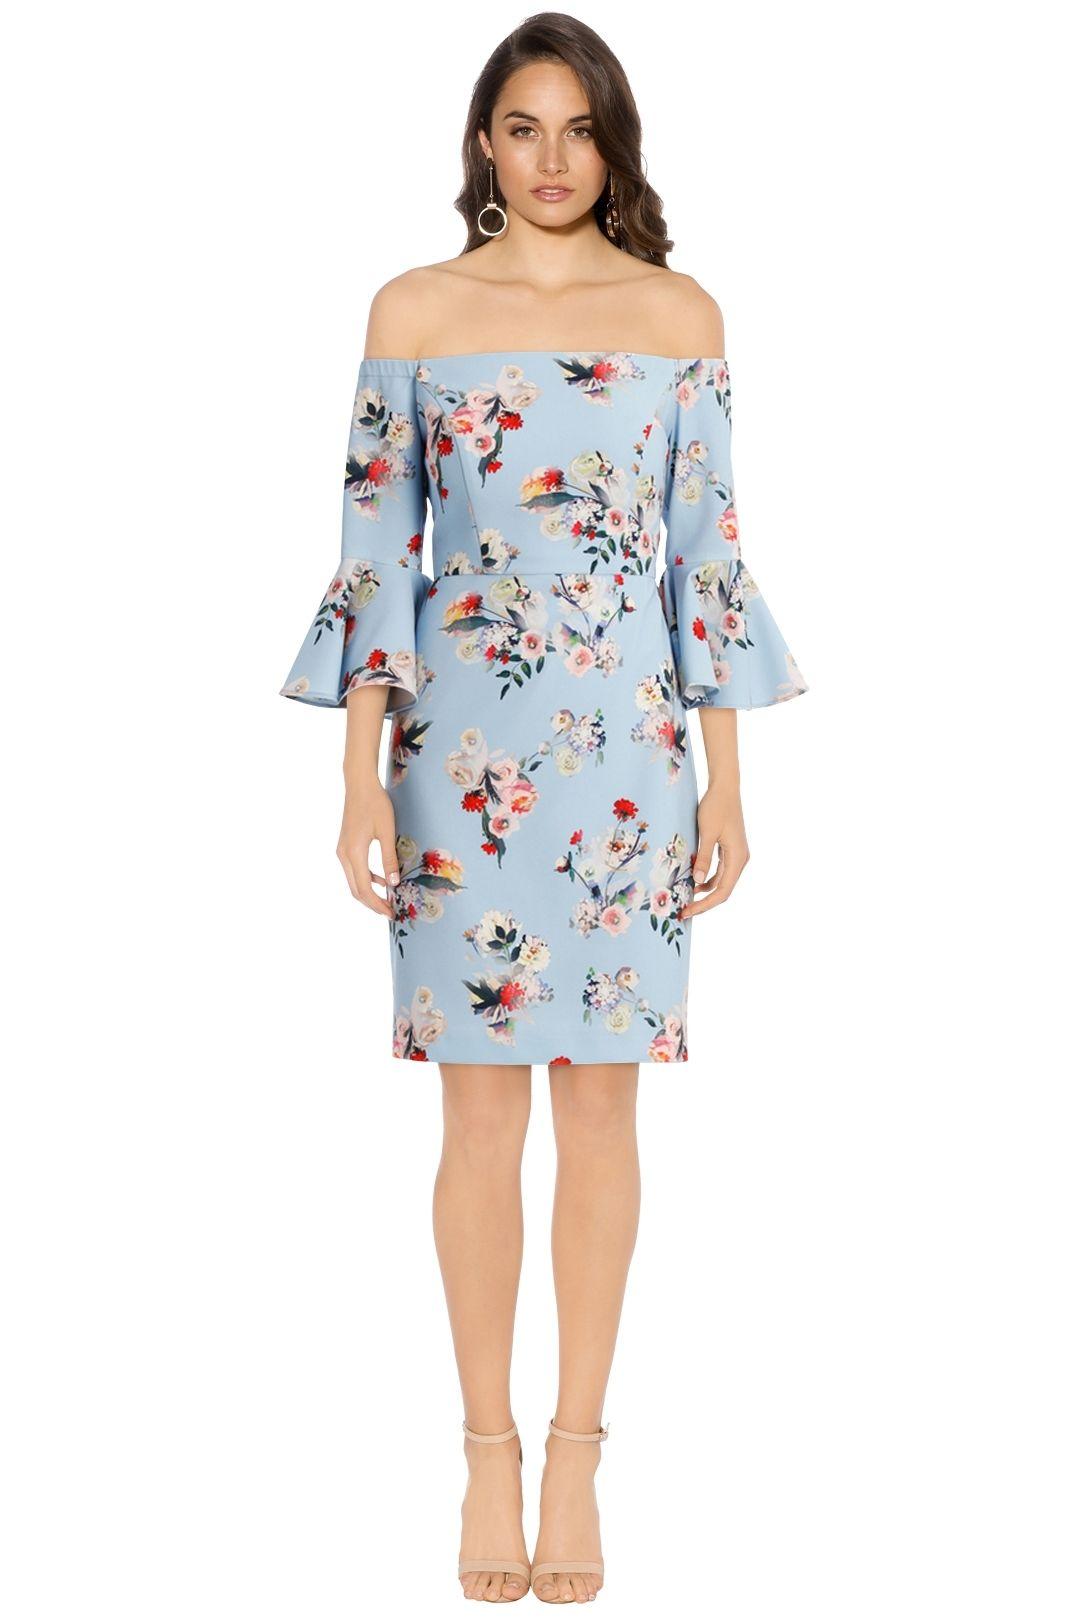 Jayson Brunsdon - Artise Floral Off Shoulder Dress - Blue - Front